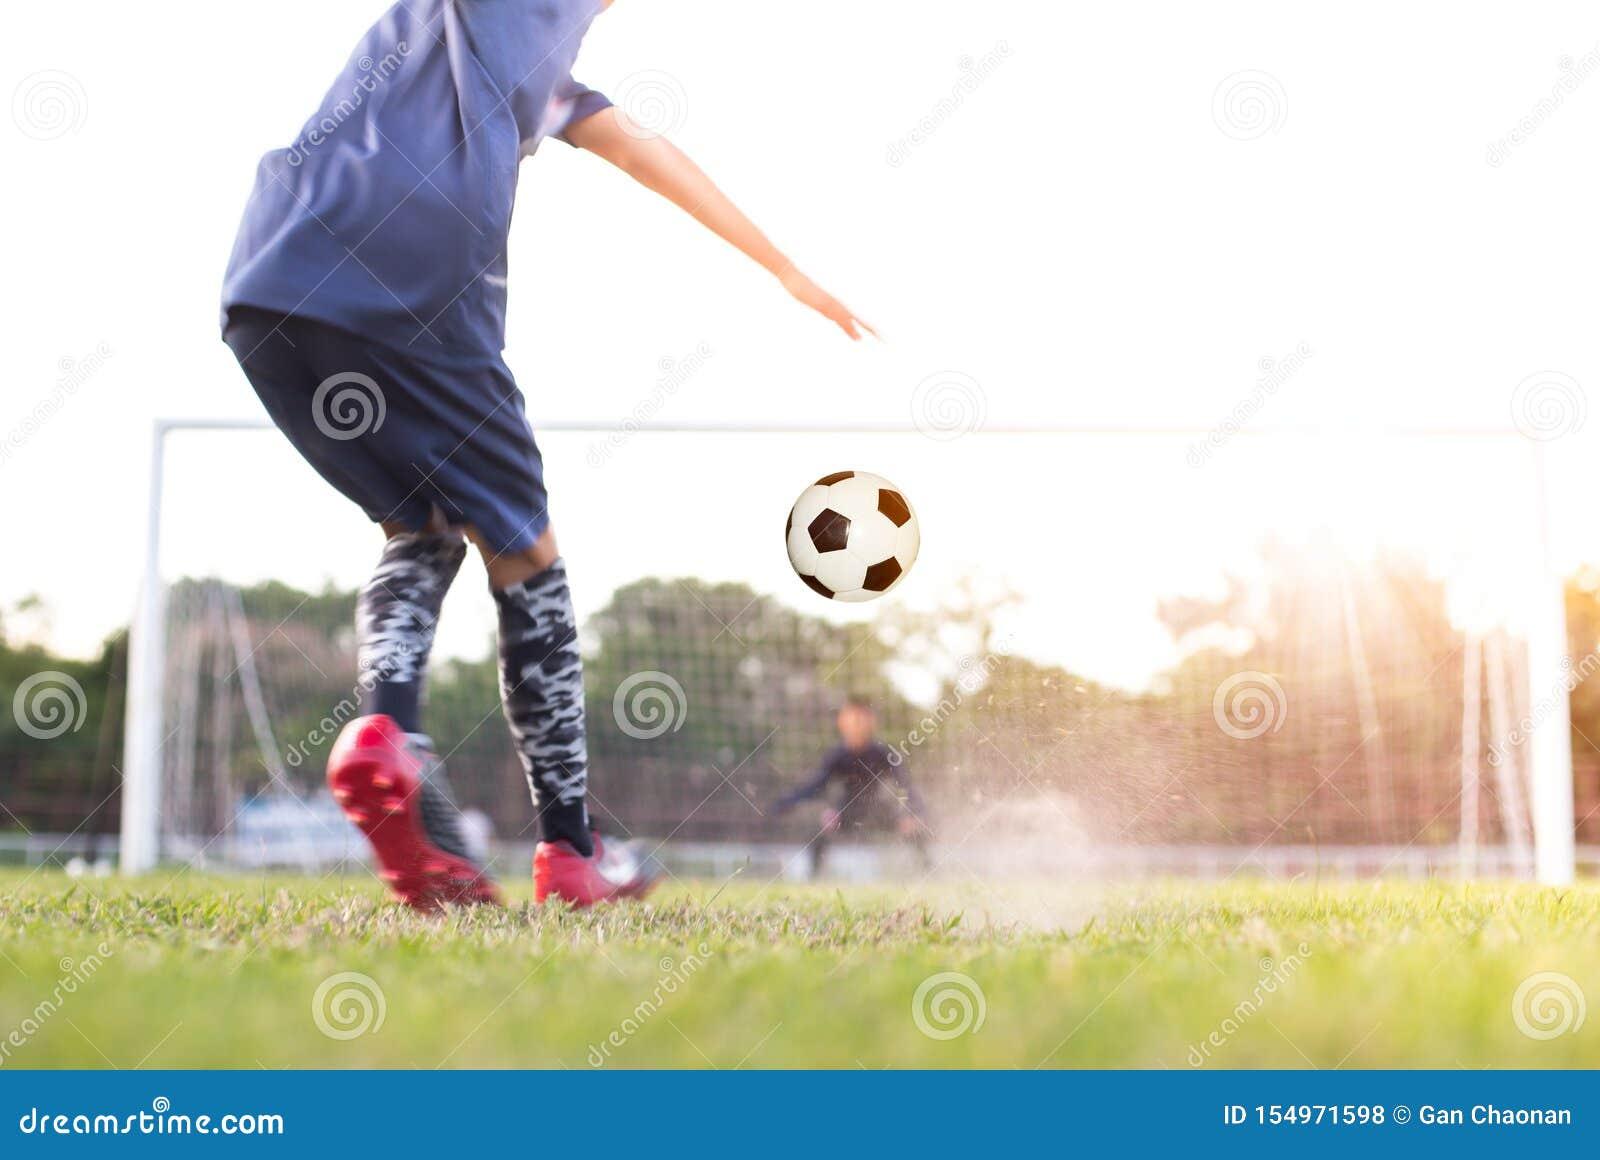 O jogador de futebol do futebol da equipe consegue a bola livrar o pontapé ou o pontapé de grande penalidade